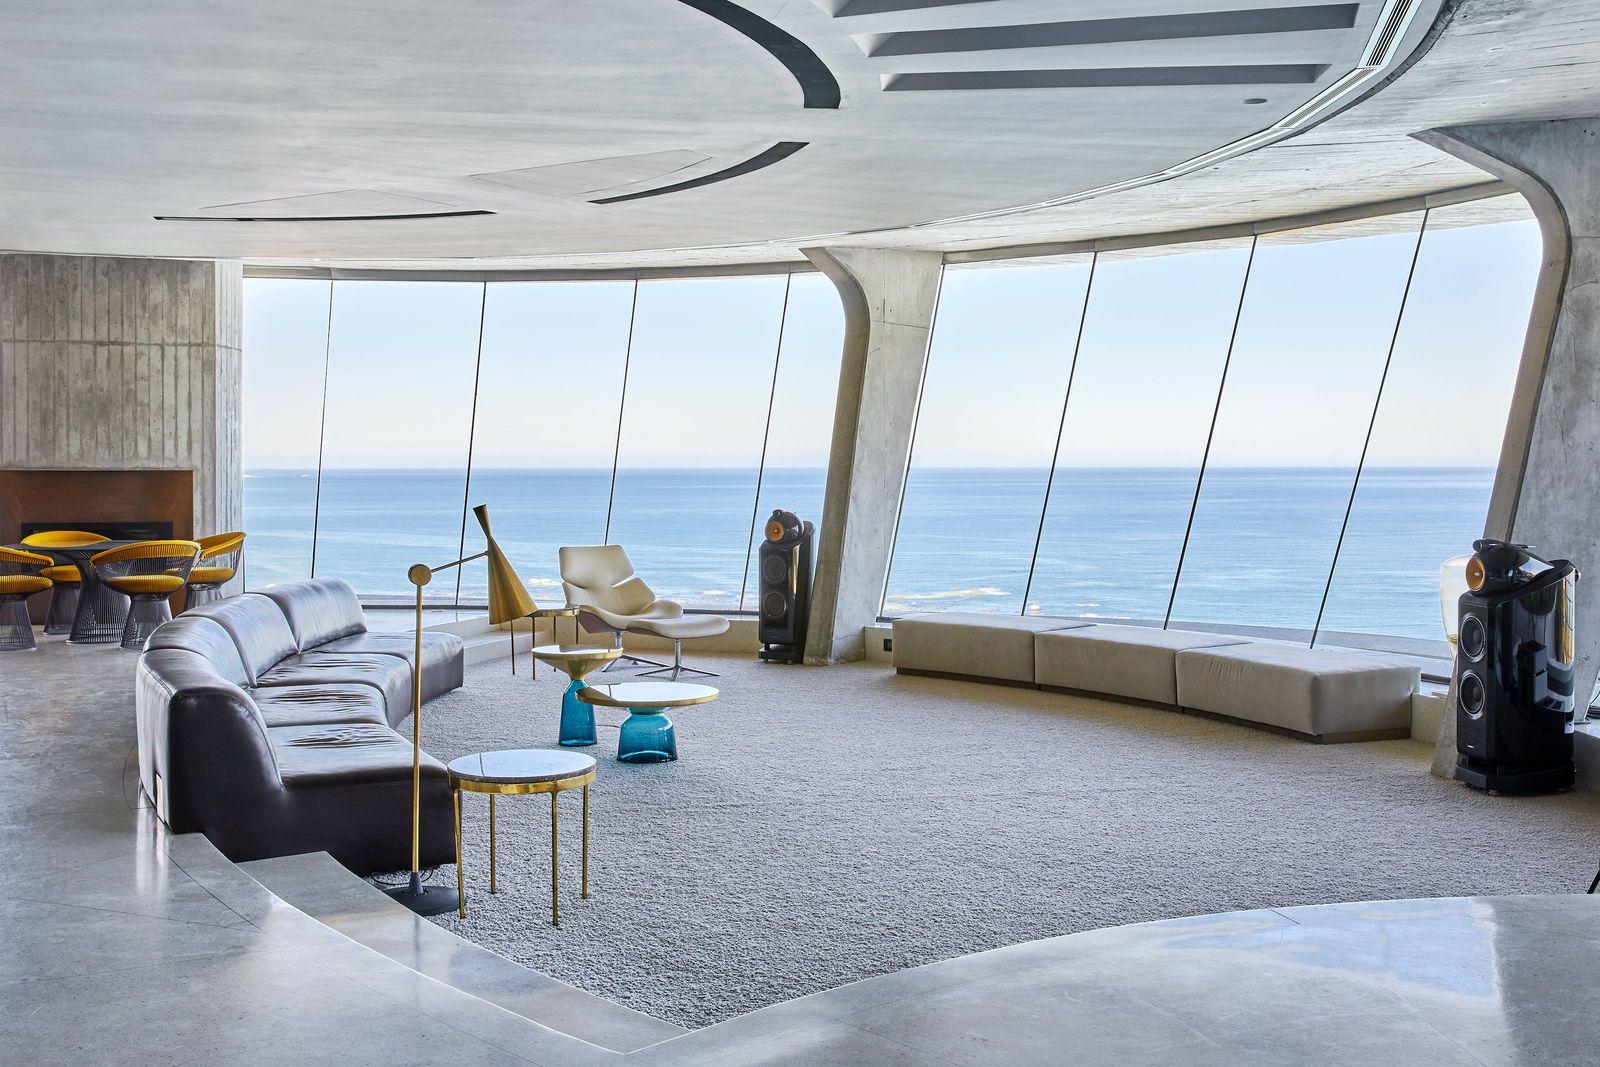 En prolongement de l'océan qu'il surplombe, le salon principal adopte les teintes sable de la plage. Au centre, le canapé incurvé en cuir brun est une création sur mesure de SRLC. Vers la lampe sur pied BEAT de Tom Dixon, la table d'appoint, en marbre et laiton, est un modèle années 1970 signé Nicos Zographos. Les tables BELL en verre soufflé sont de Sebastian Herkner pour ClassiCon et le fauteuil lounge SHRIMP avec repose-pied, de Jehs+Laub pour Cor. Devant la cheminée en cuivre, se trouvent une table et des chaises vintage de Warren Platner, Knoll.